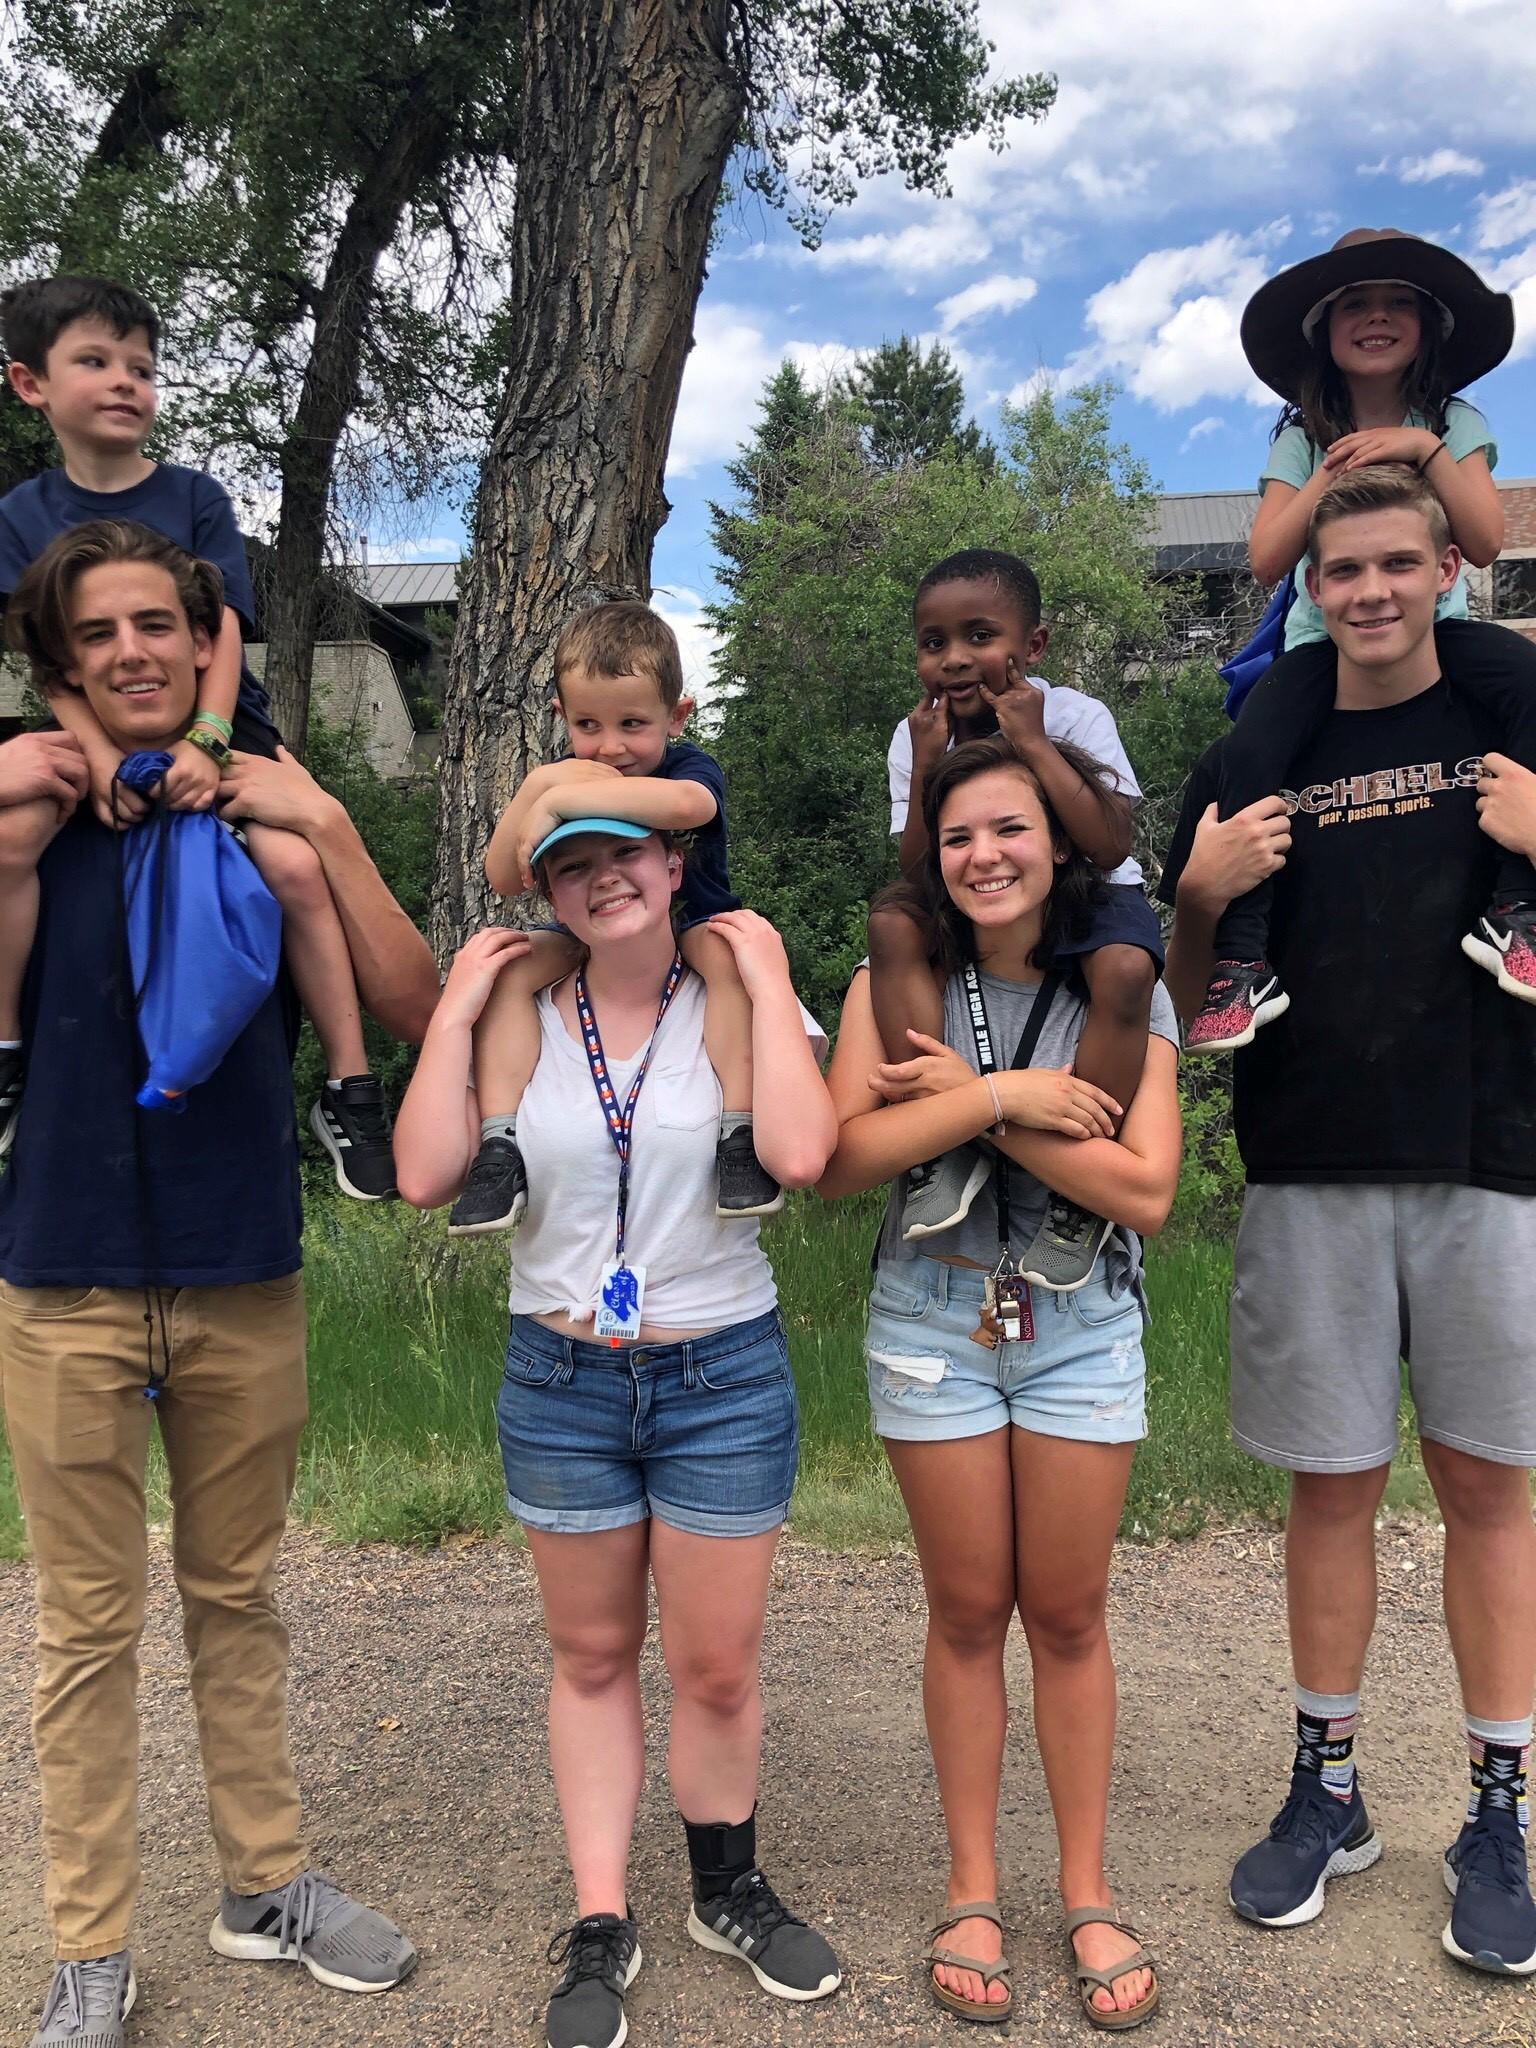 MHA Camp Counselors - Mile High AcademyMile High Academy